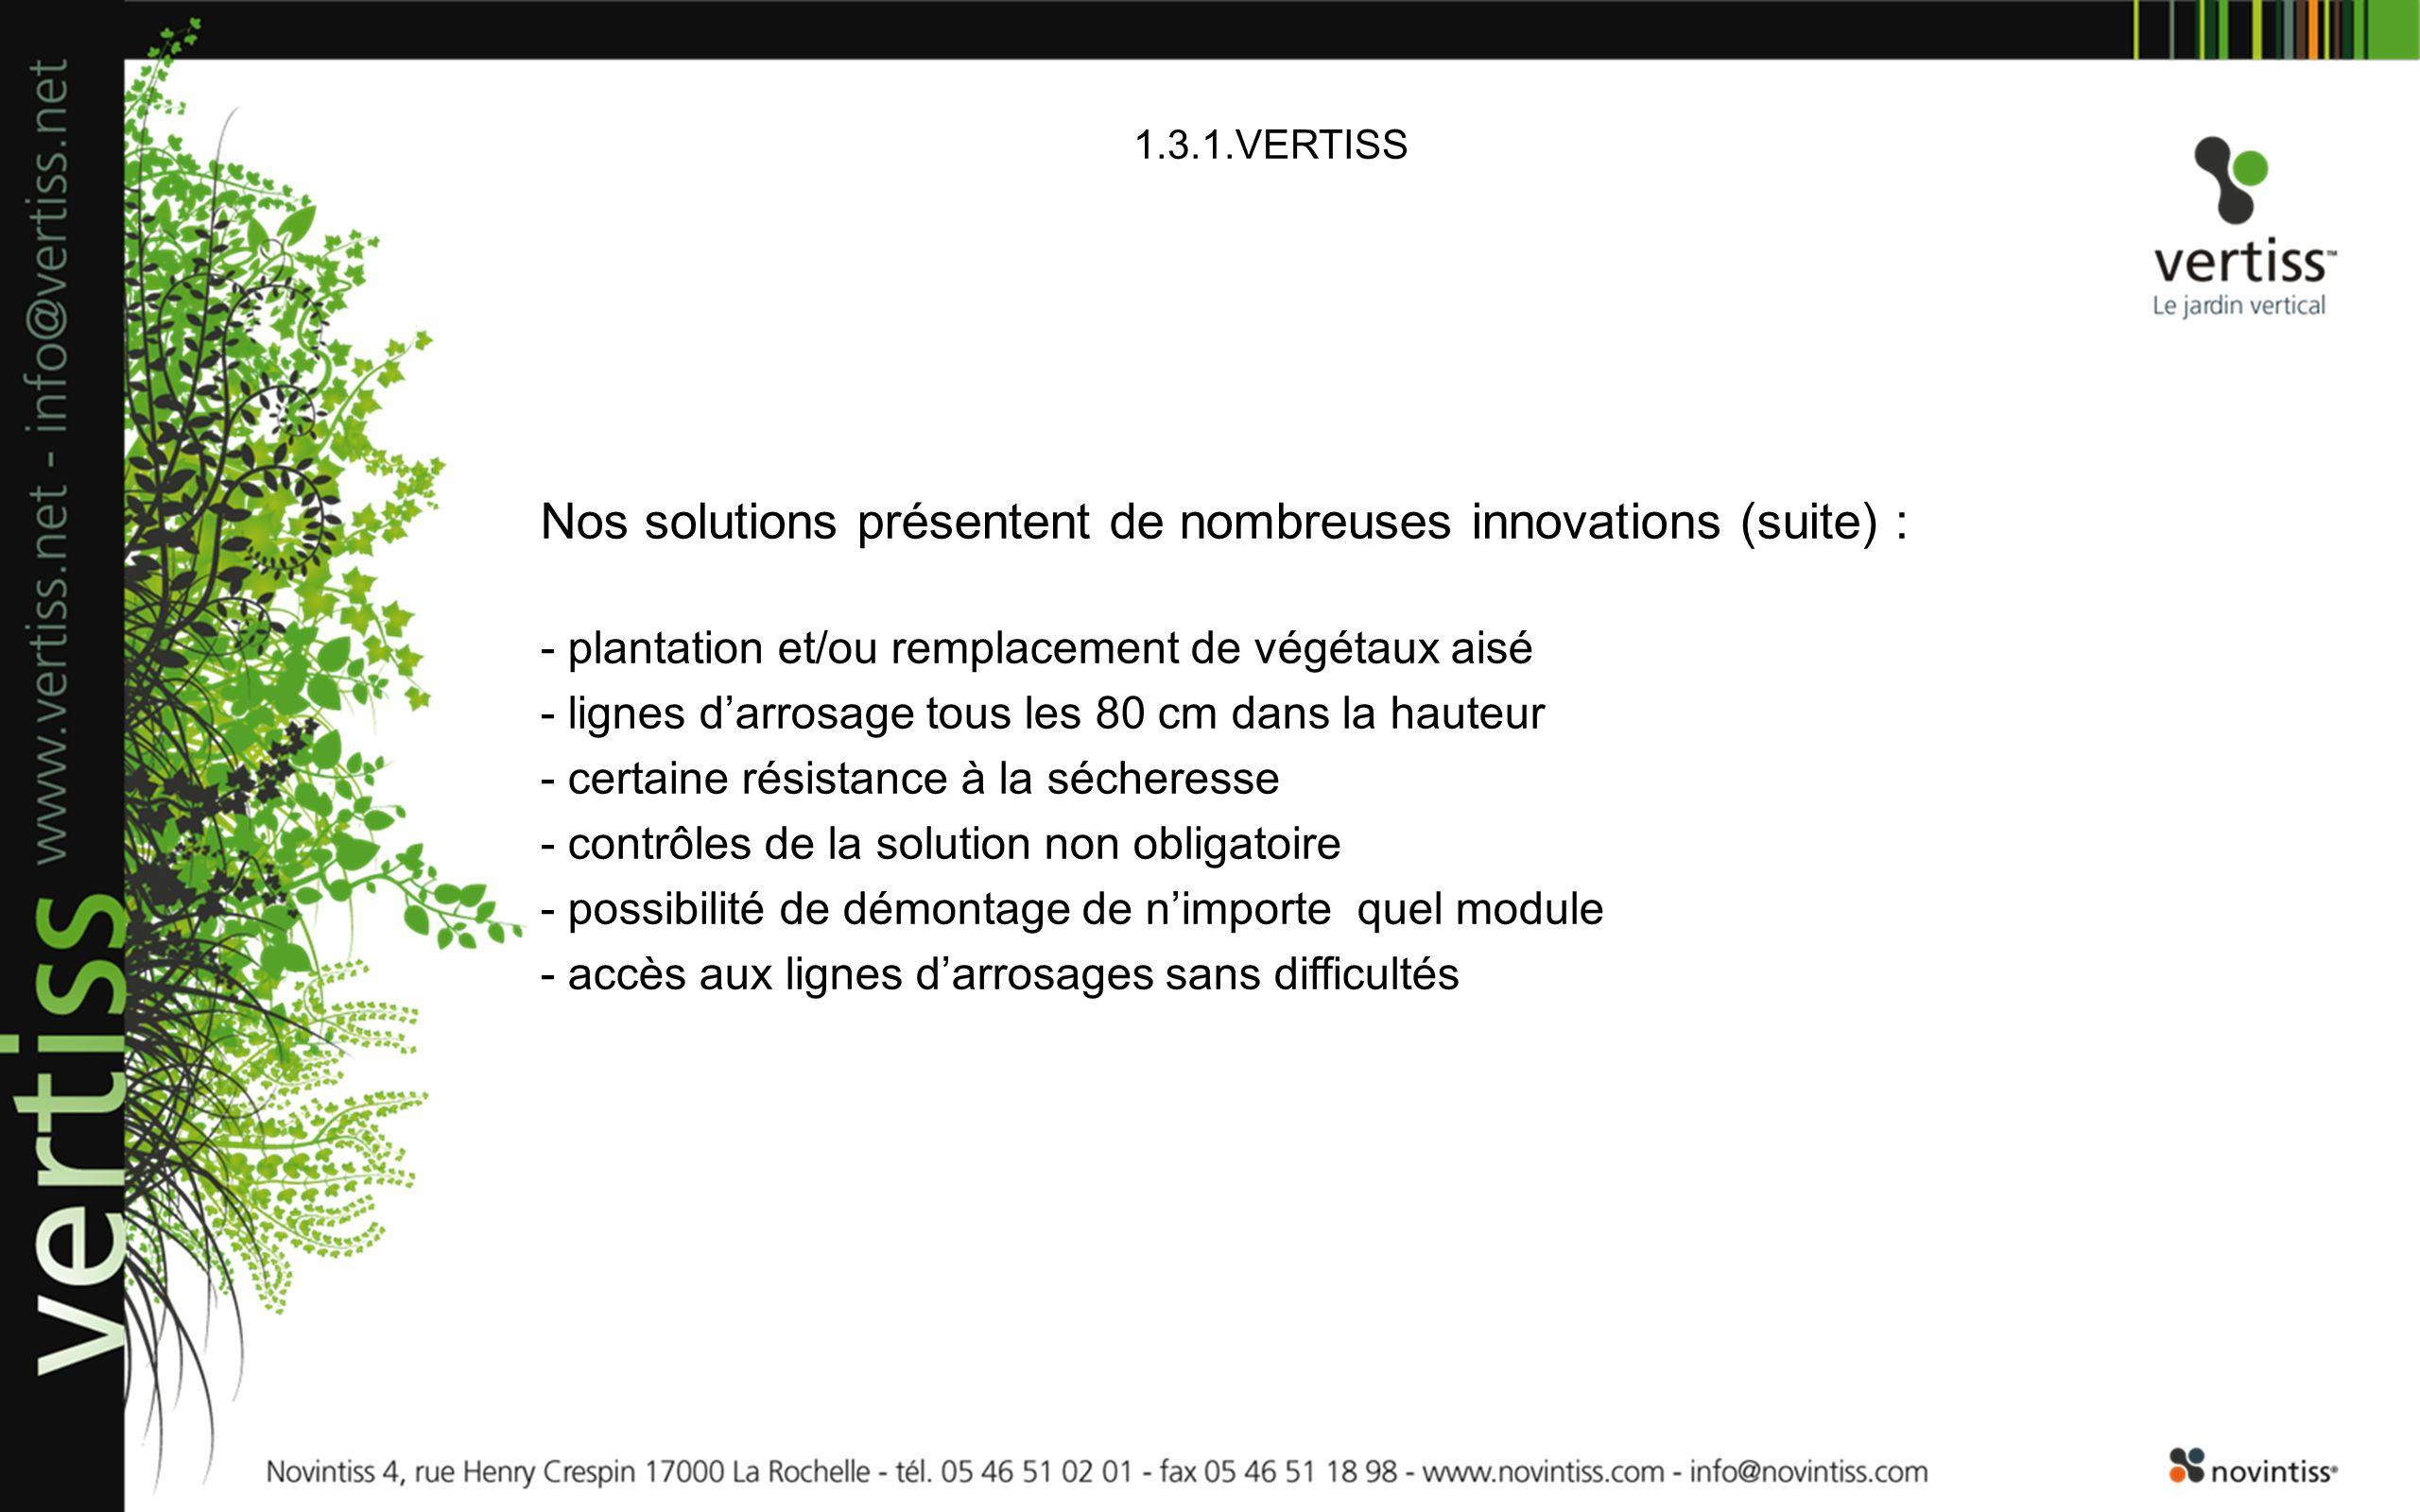 1.3.1.VERTISS Nos solutions présentent de nombreuses innovations (suite) : - plantation et/ou remplacement de végétaux aisé - lignes darrosage tous le